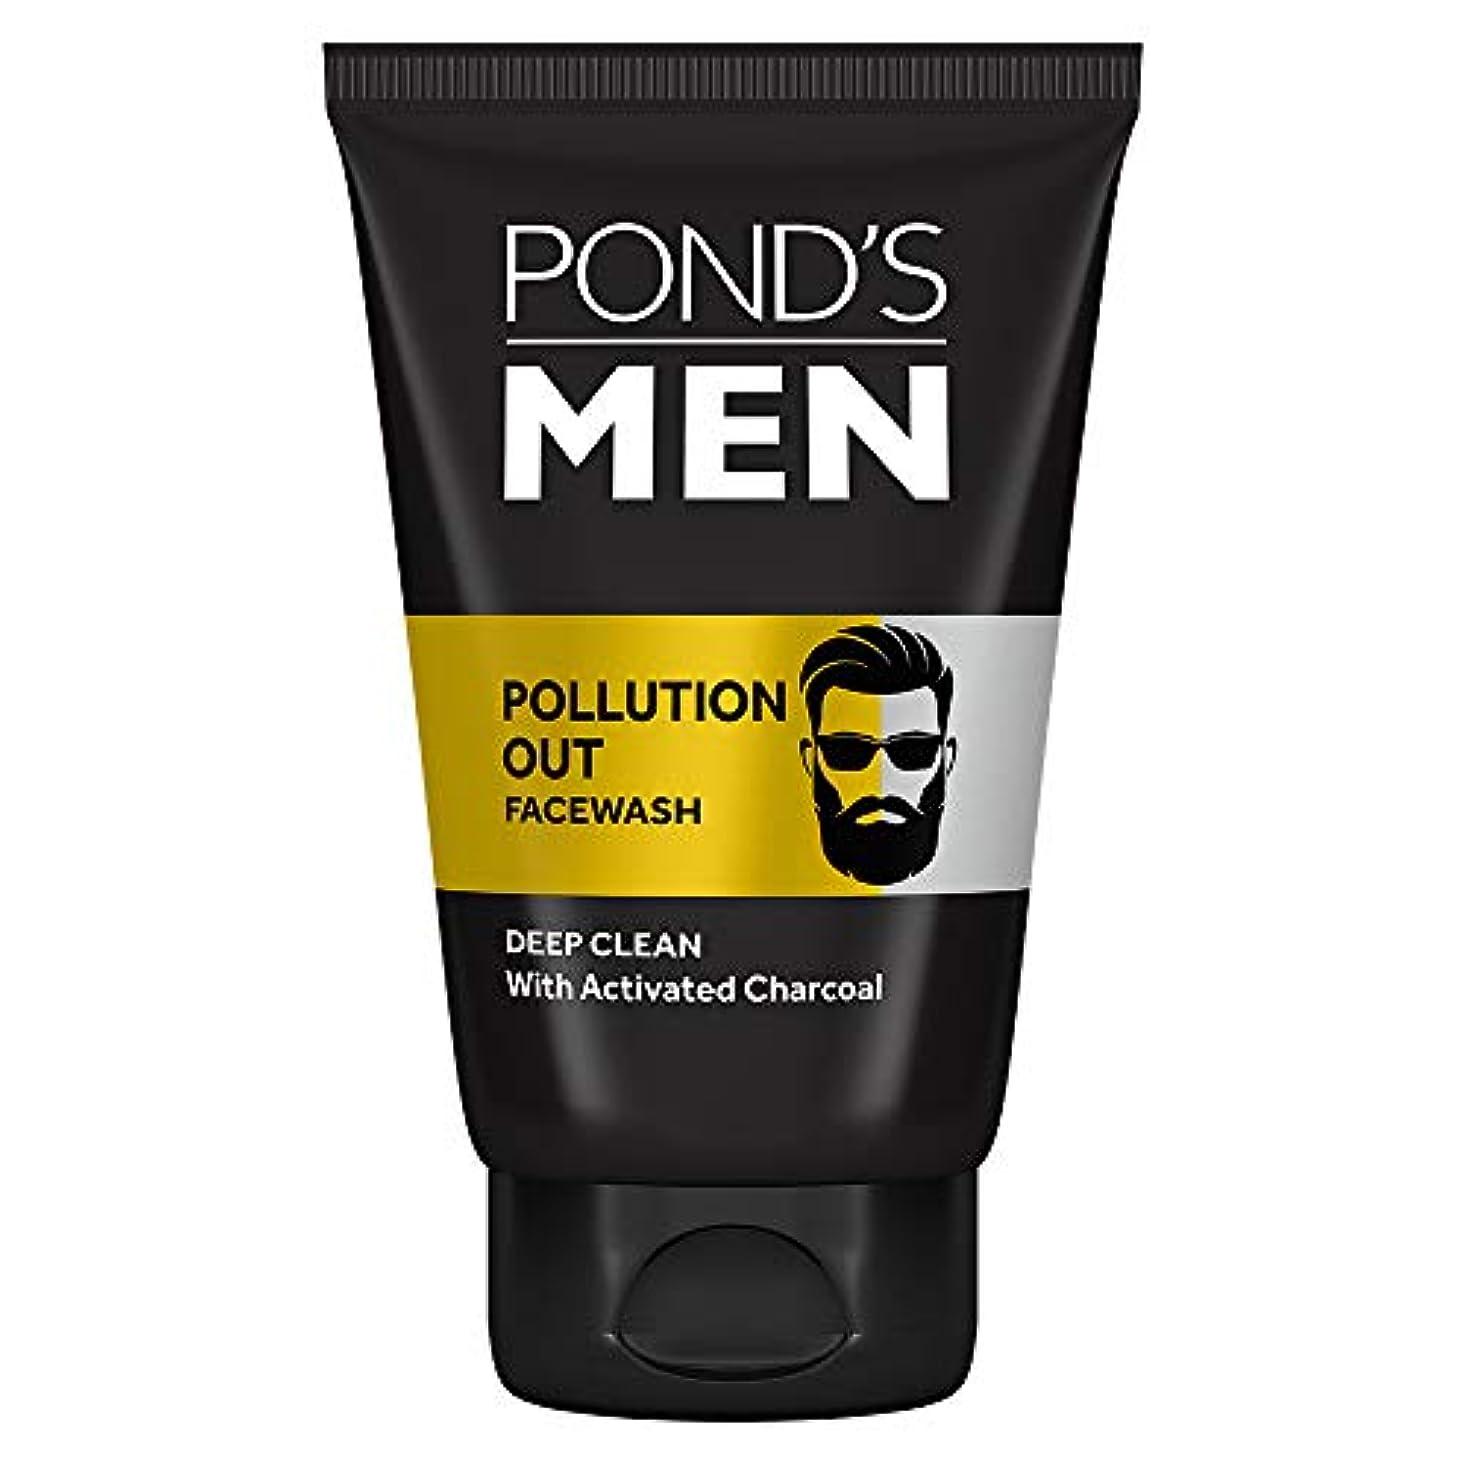 さようならくるくる植生Pond's Men Pollution Out Face Wash, Feel Fresh 100gm